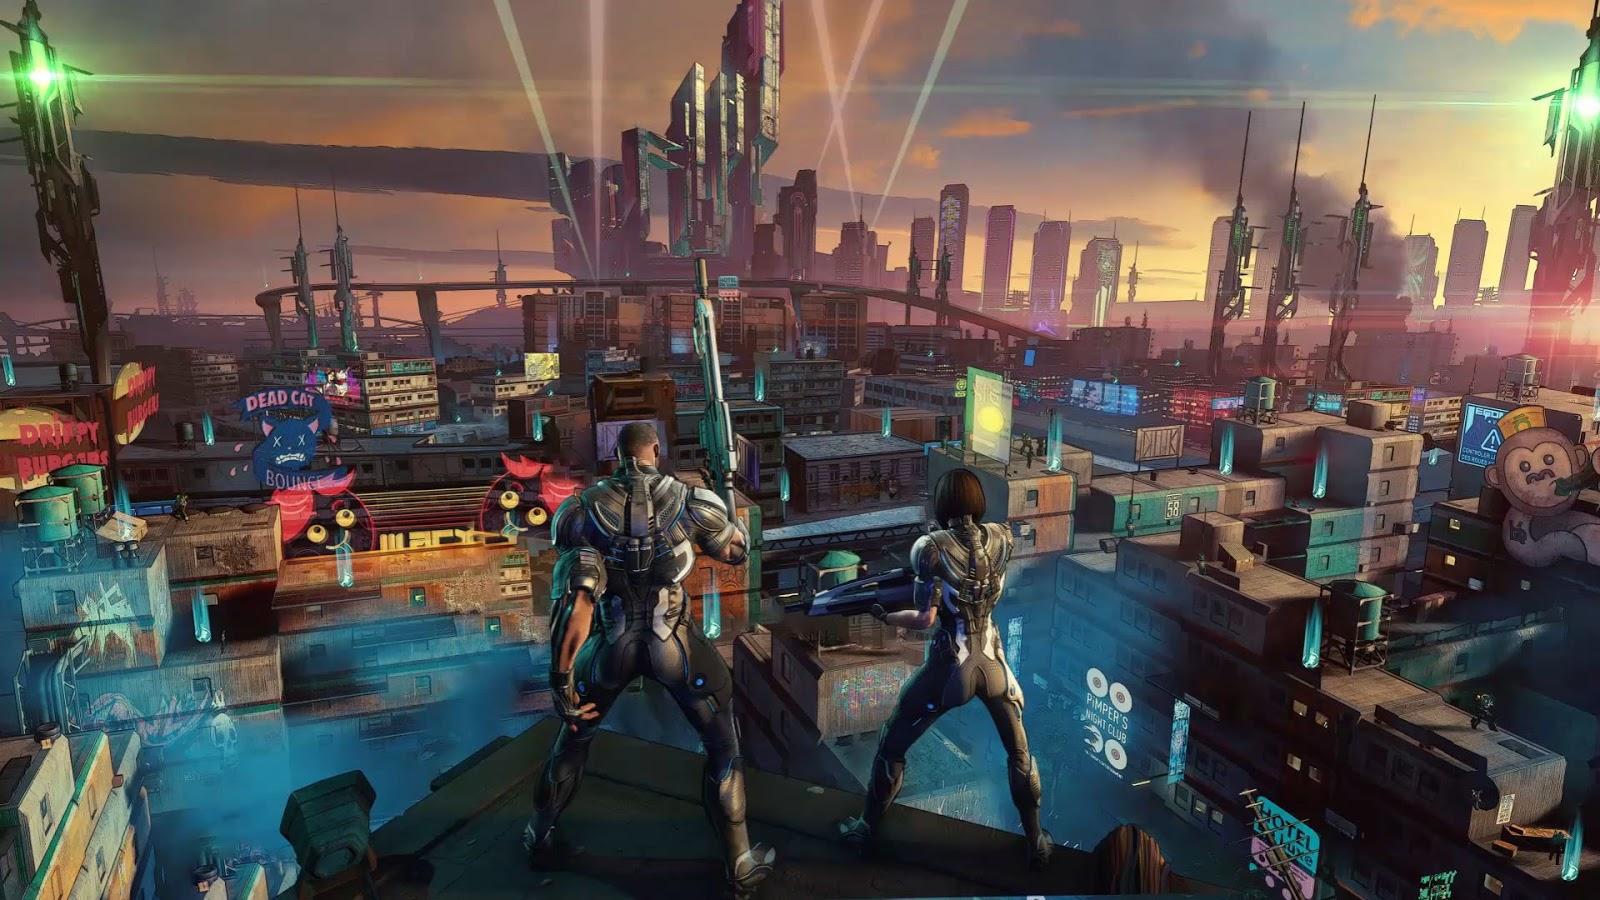 TeknoBytes Update: Daftar Video Game Yang Rilis Februari 2019